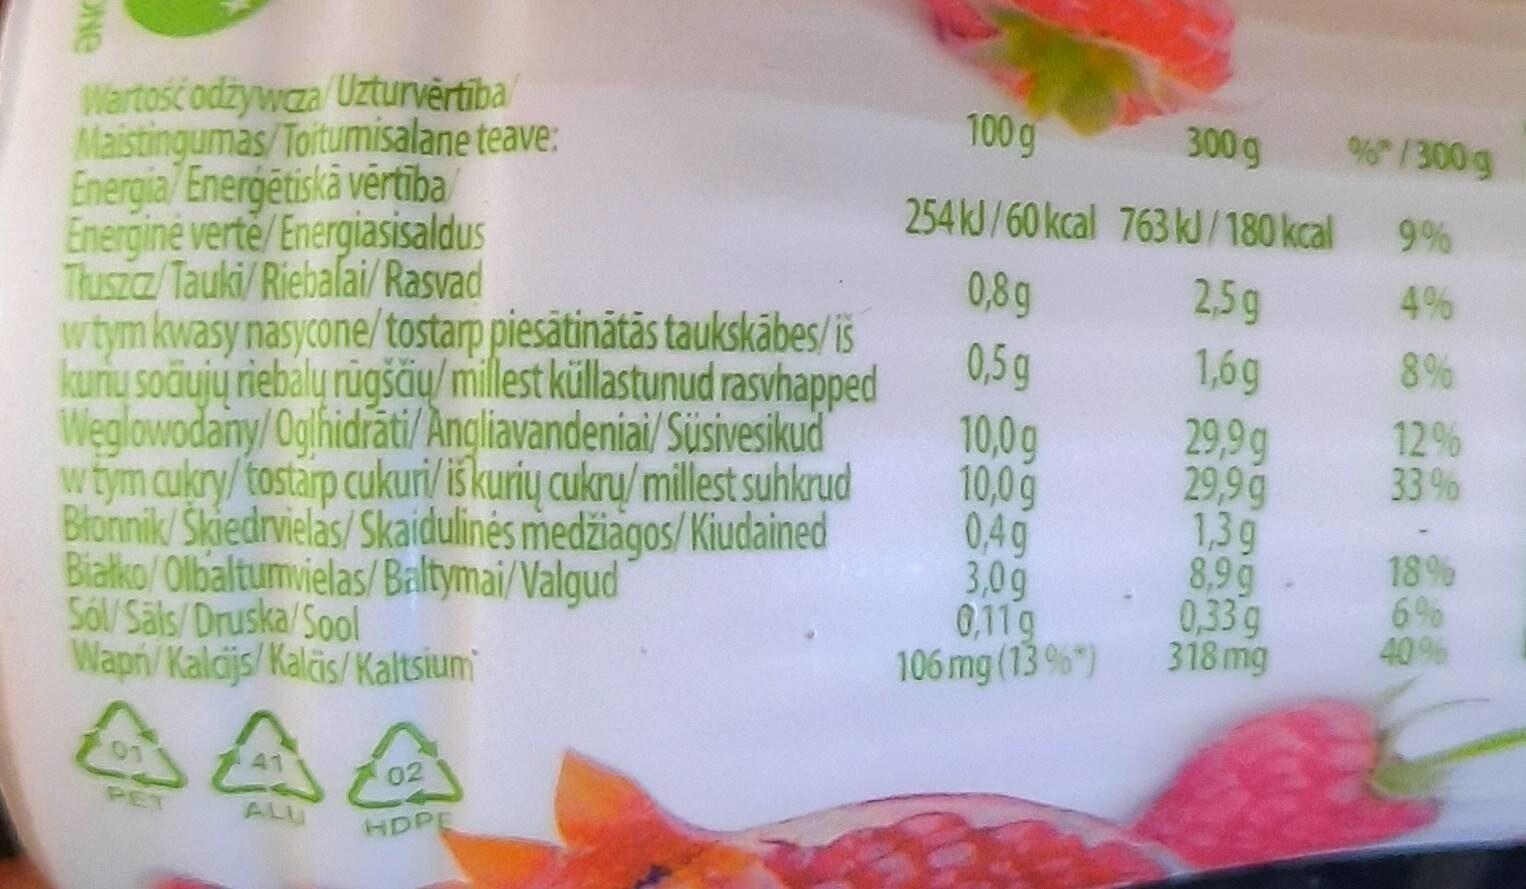 Activia malina, granat - Wartości odżywcze - pl